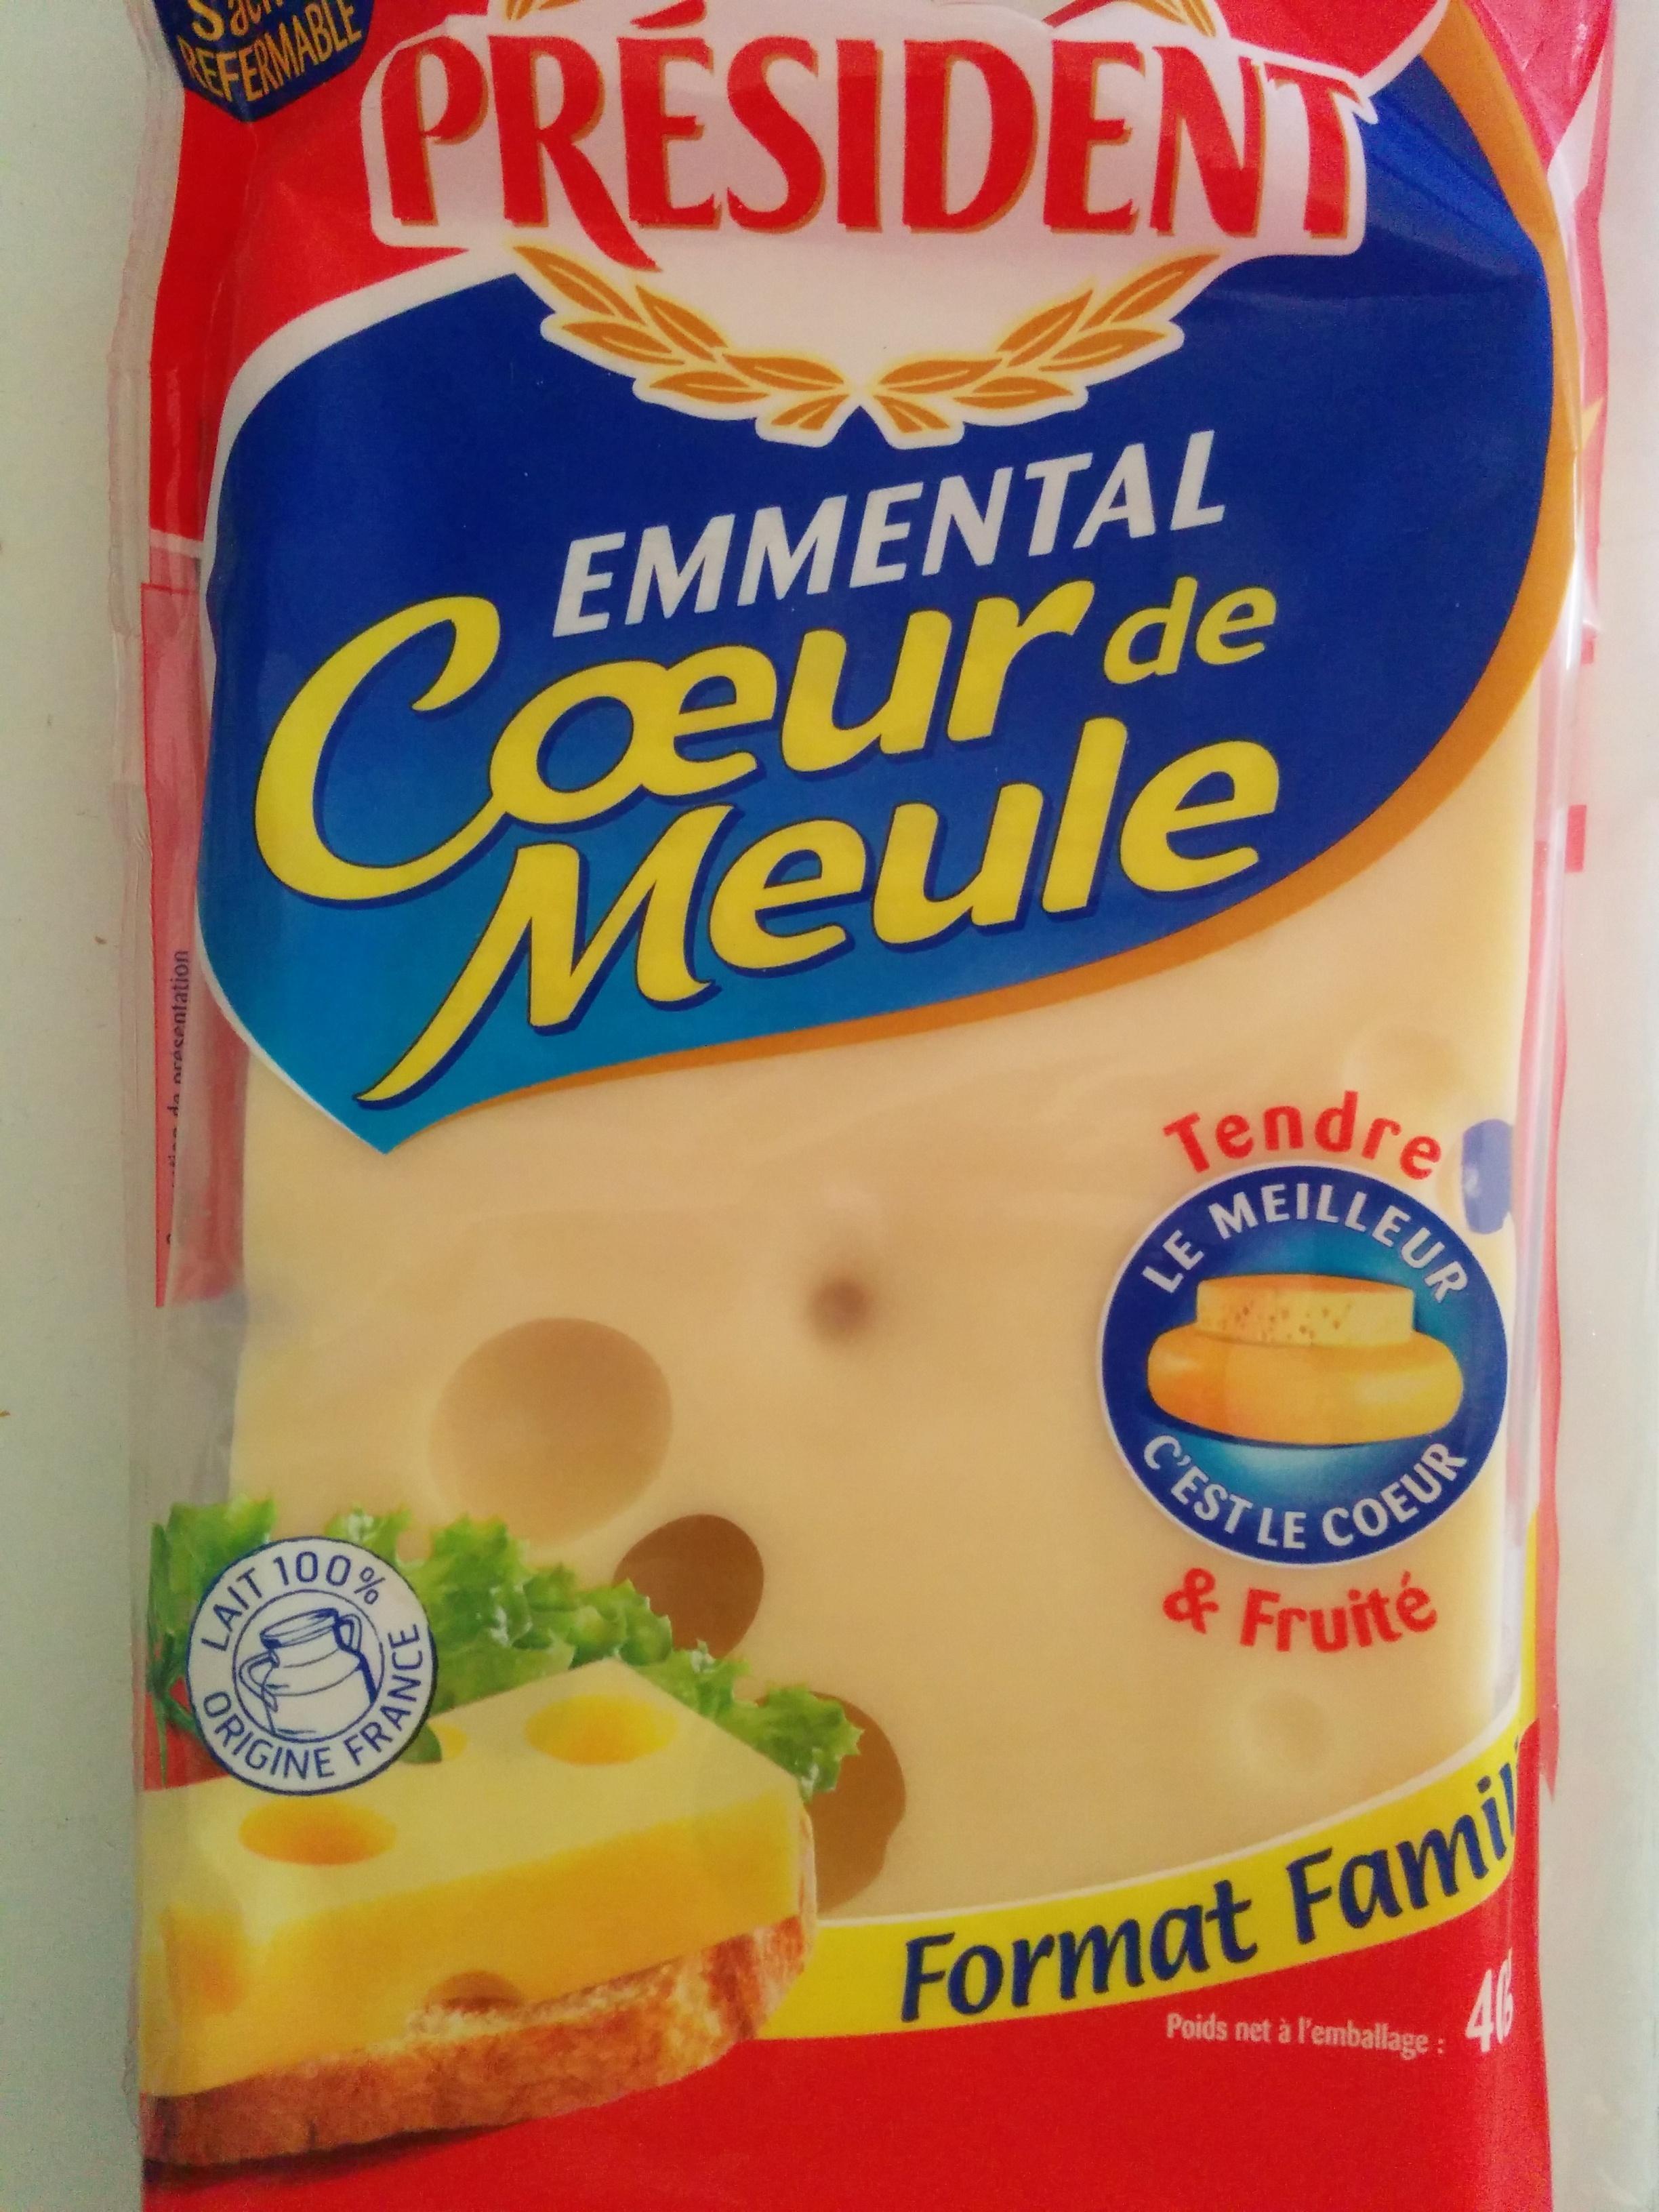 Emmental Cœur de Meule (29 % MG) Format Familial - Produkt - fr